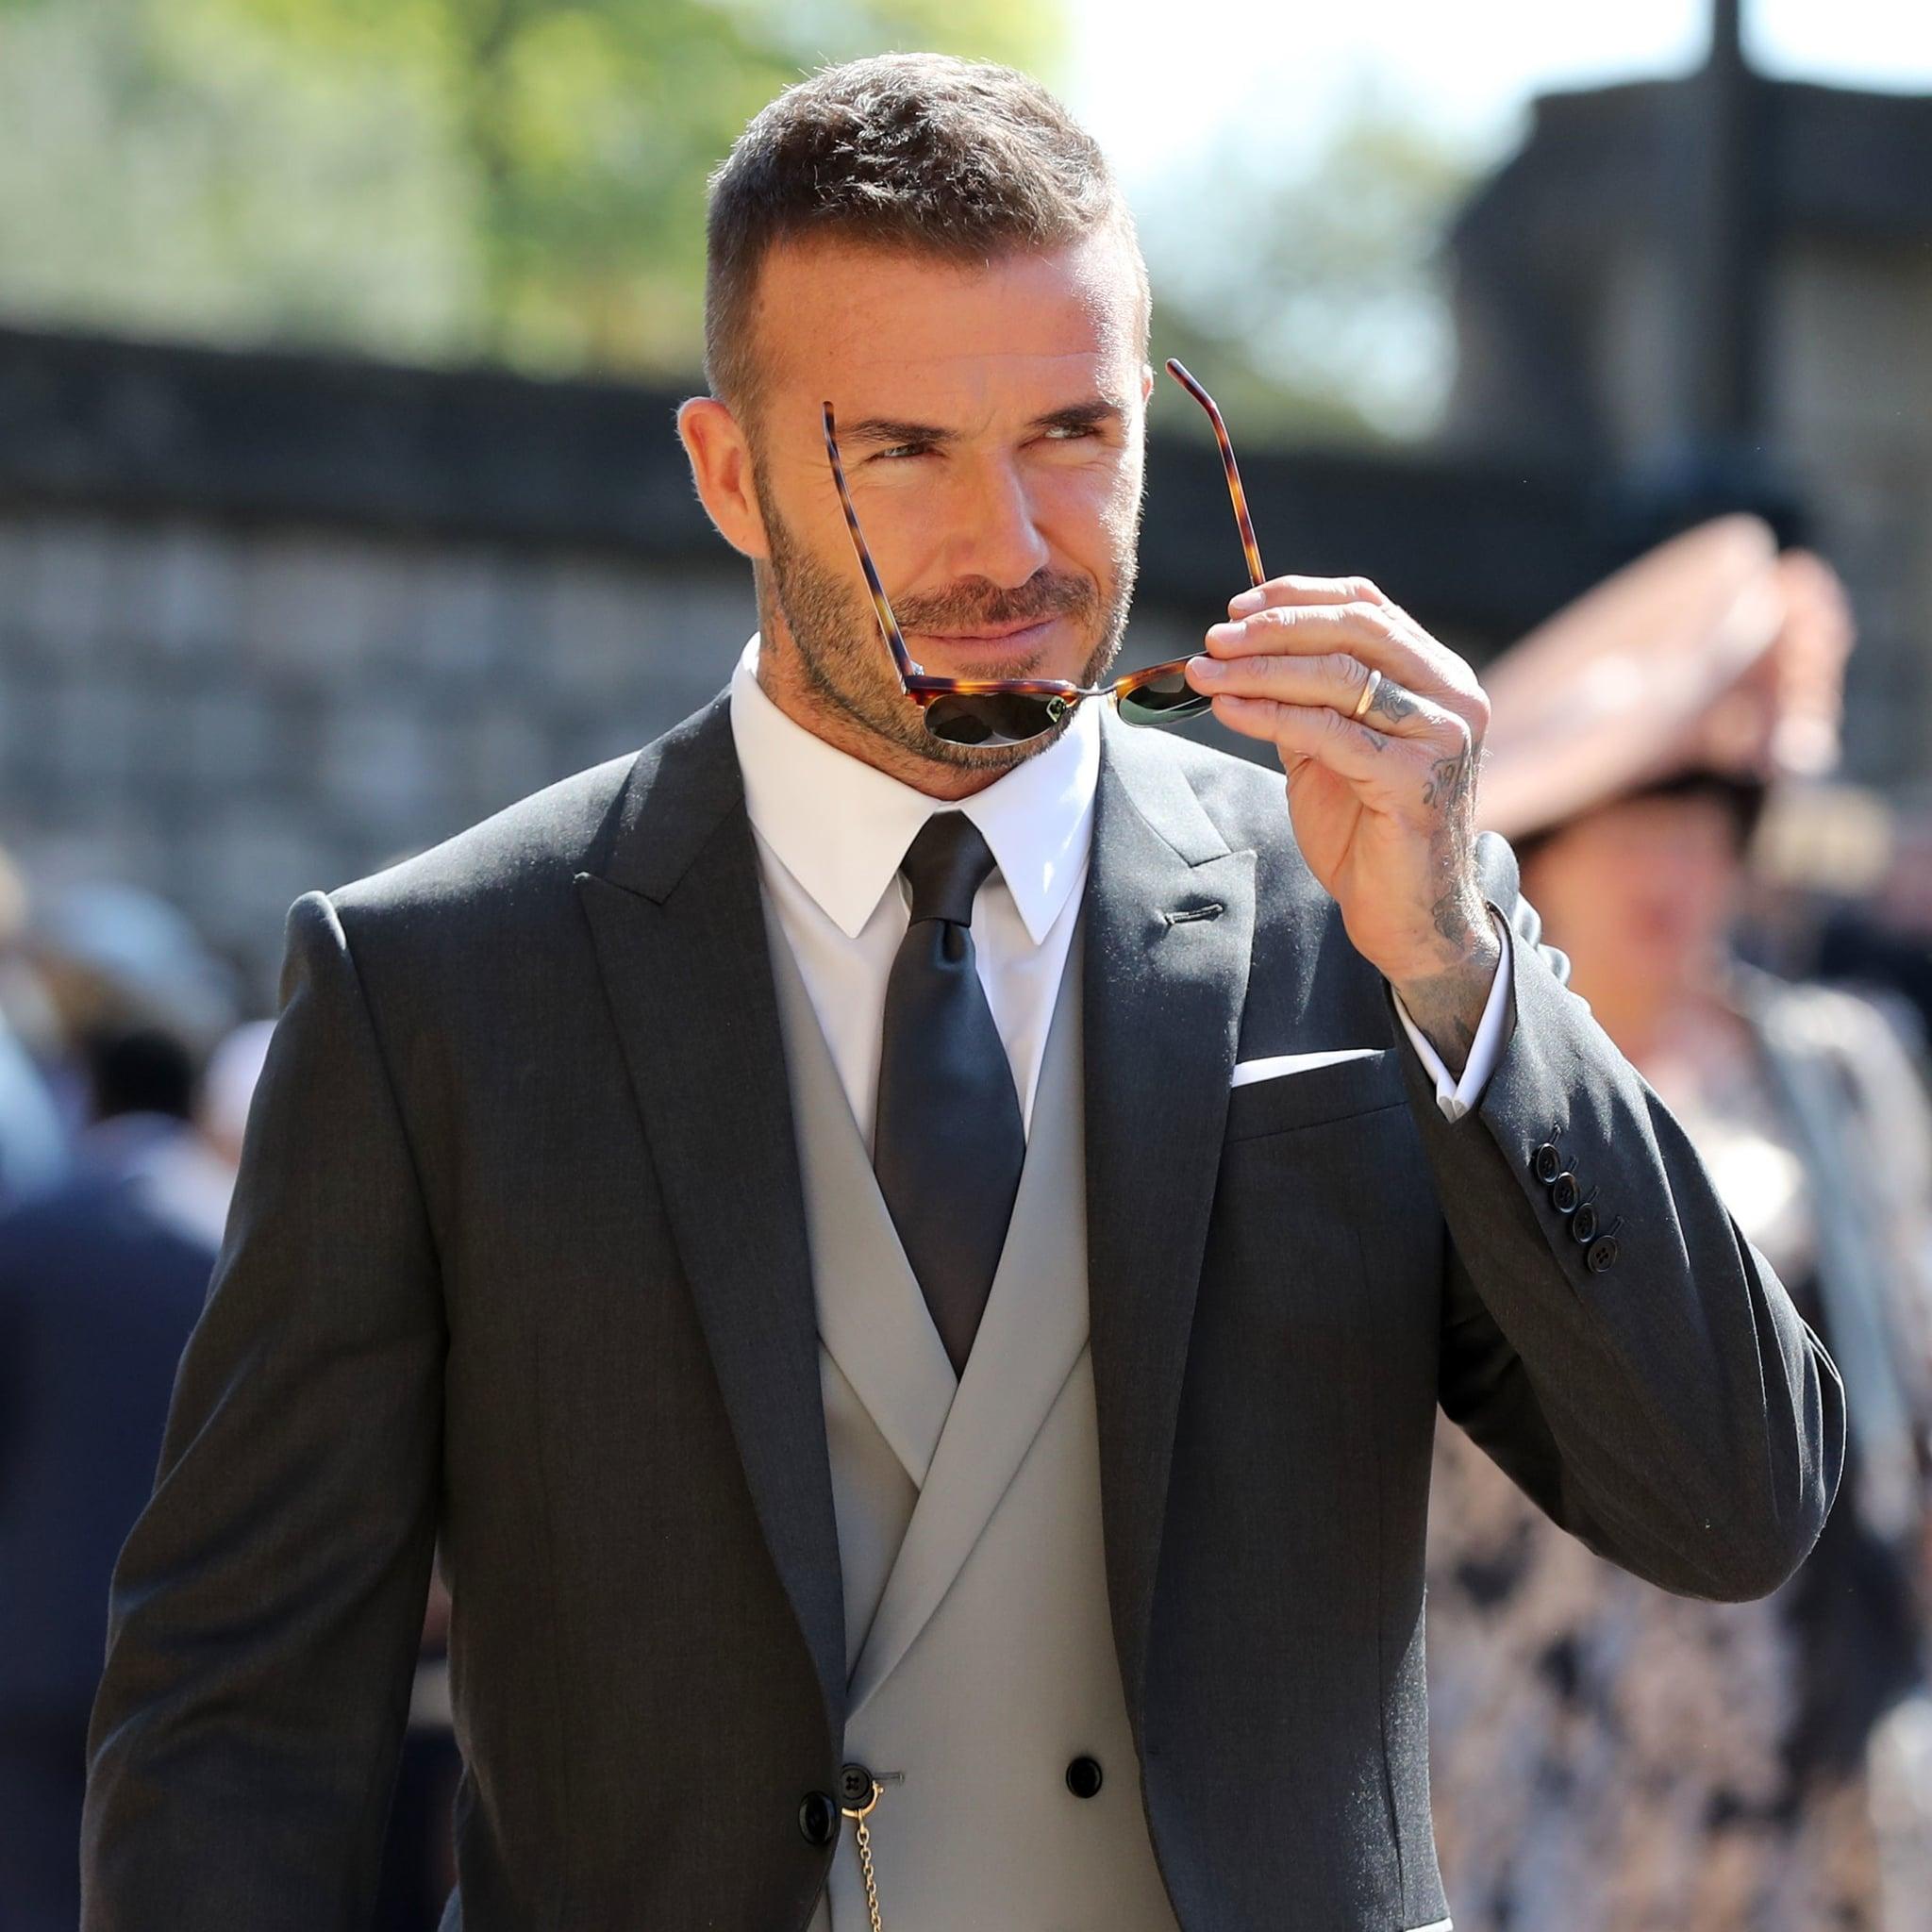 david beckham at royal wedding 2018 pictures | popsugar celebrity